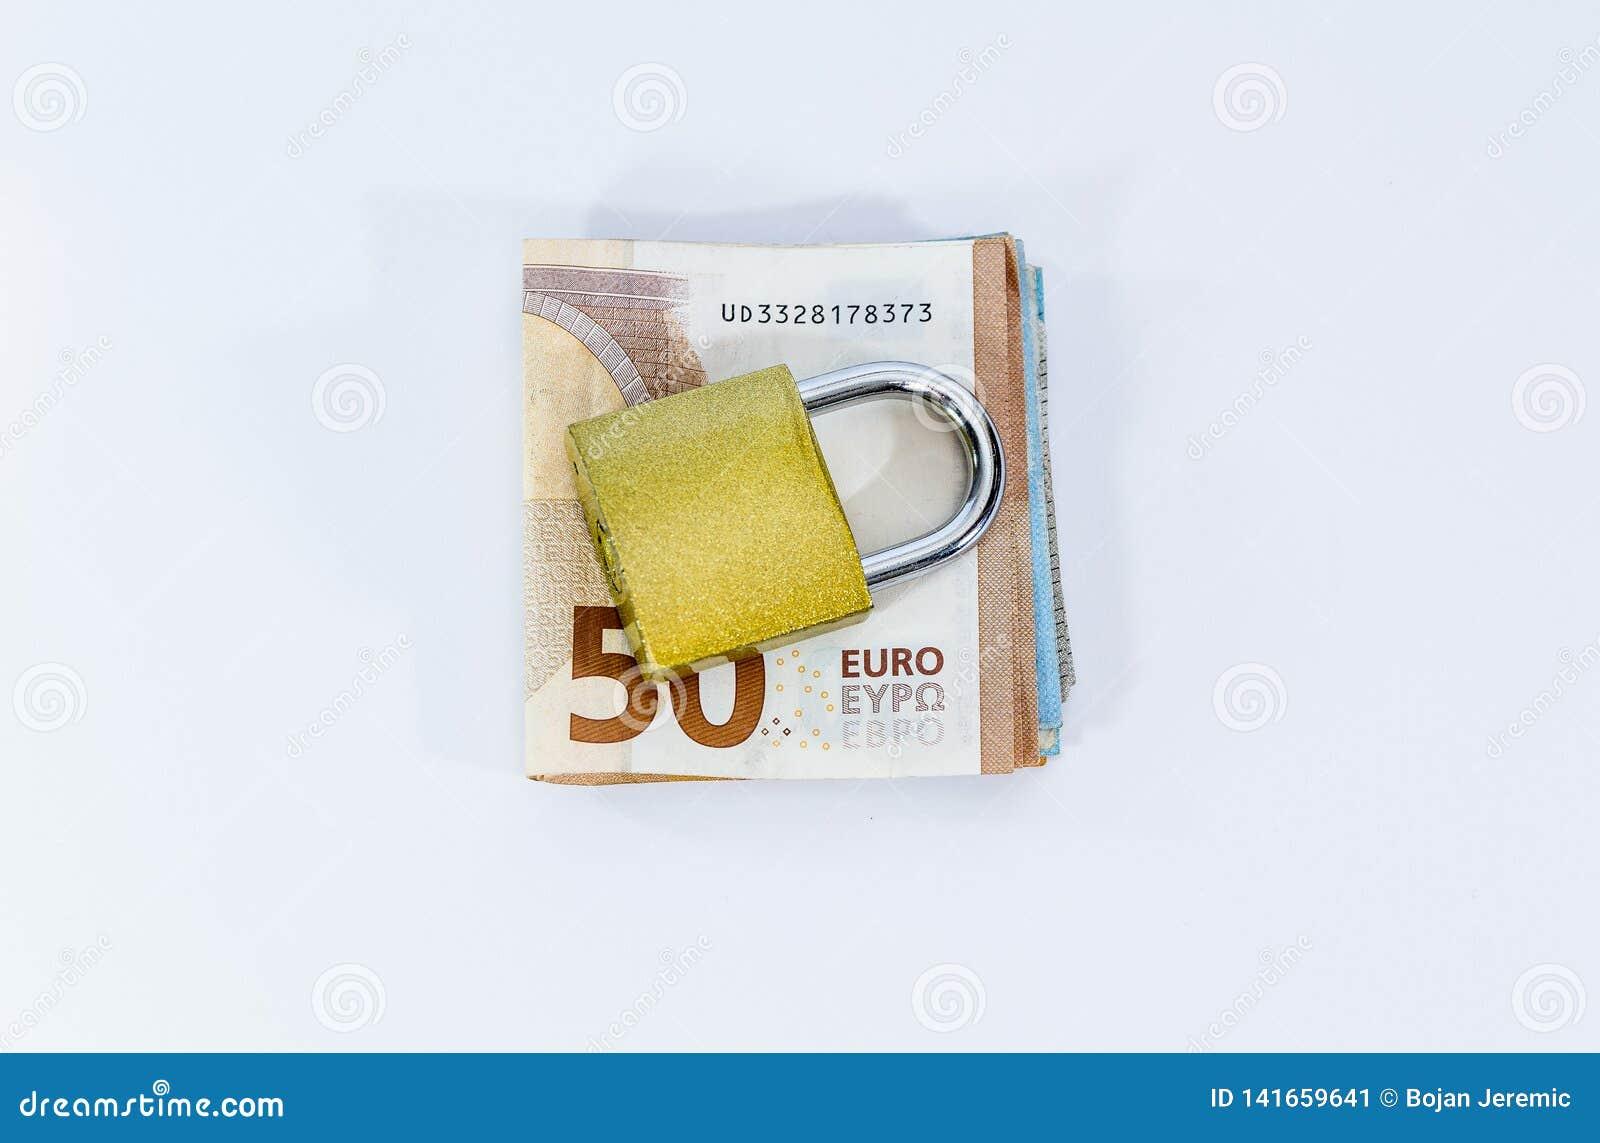 Ευρο- τραπεζογραμμάτια αξίας χρημάτων με το λουκέτο, σύστημα πληρωμής της Ευρωπαϊκής Ένωσης